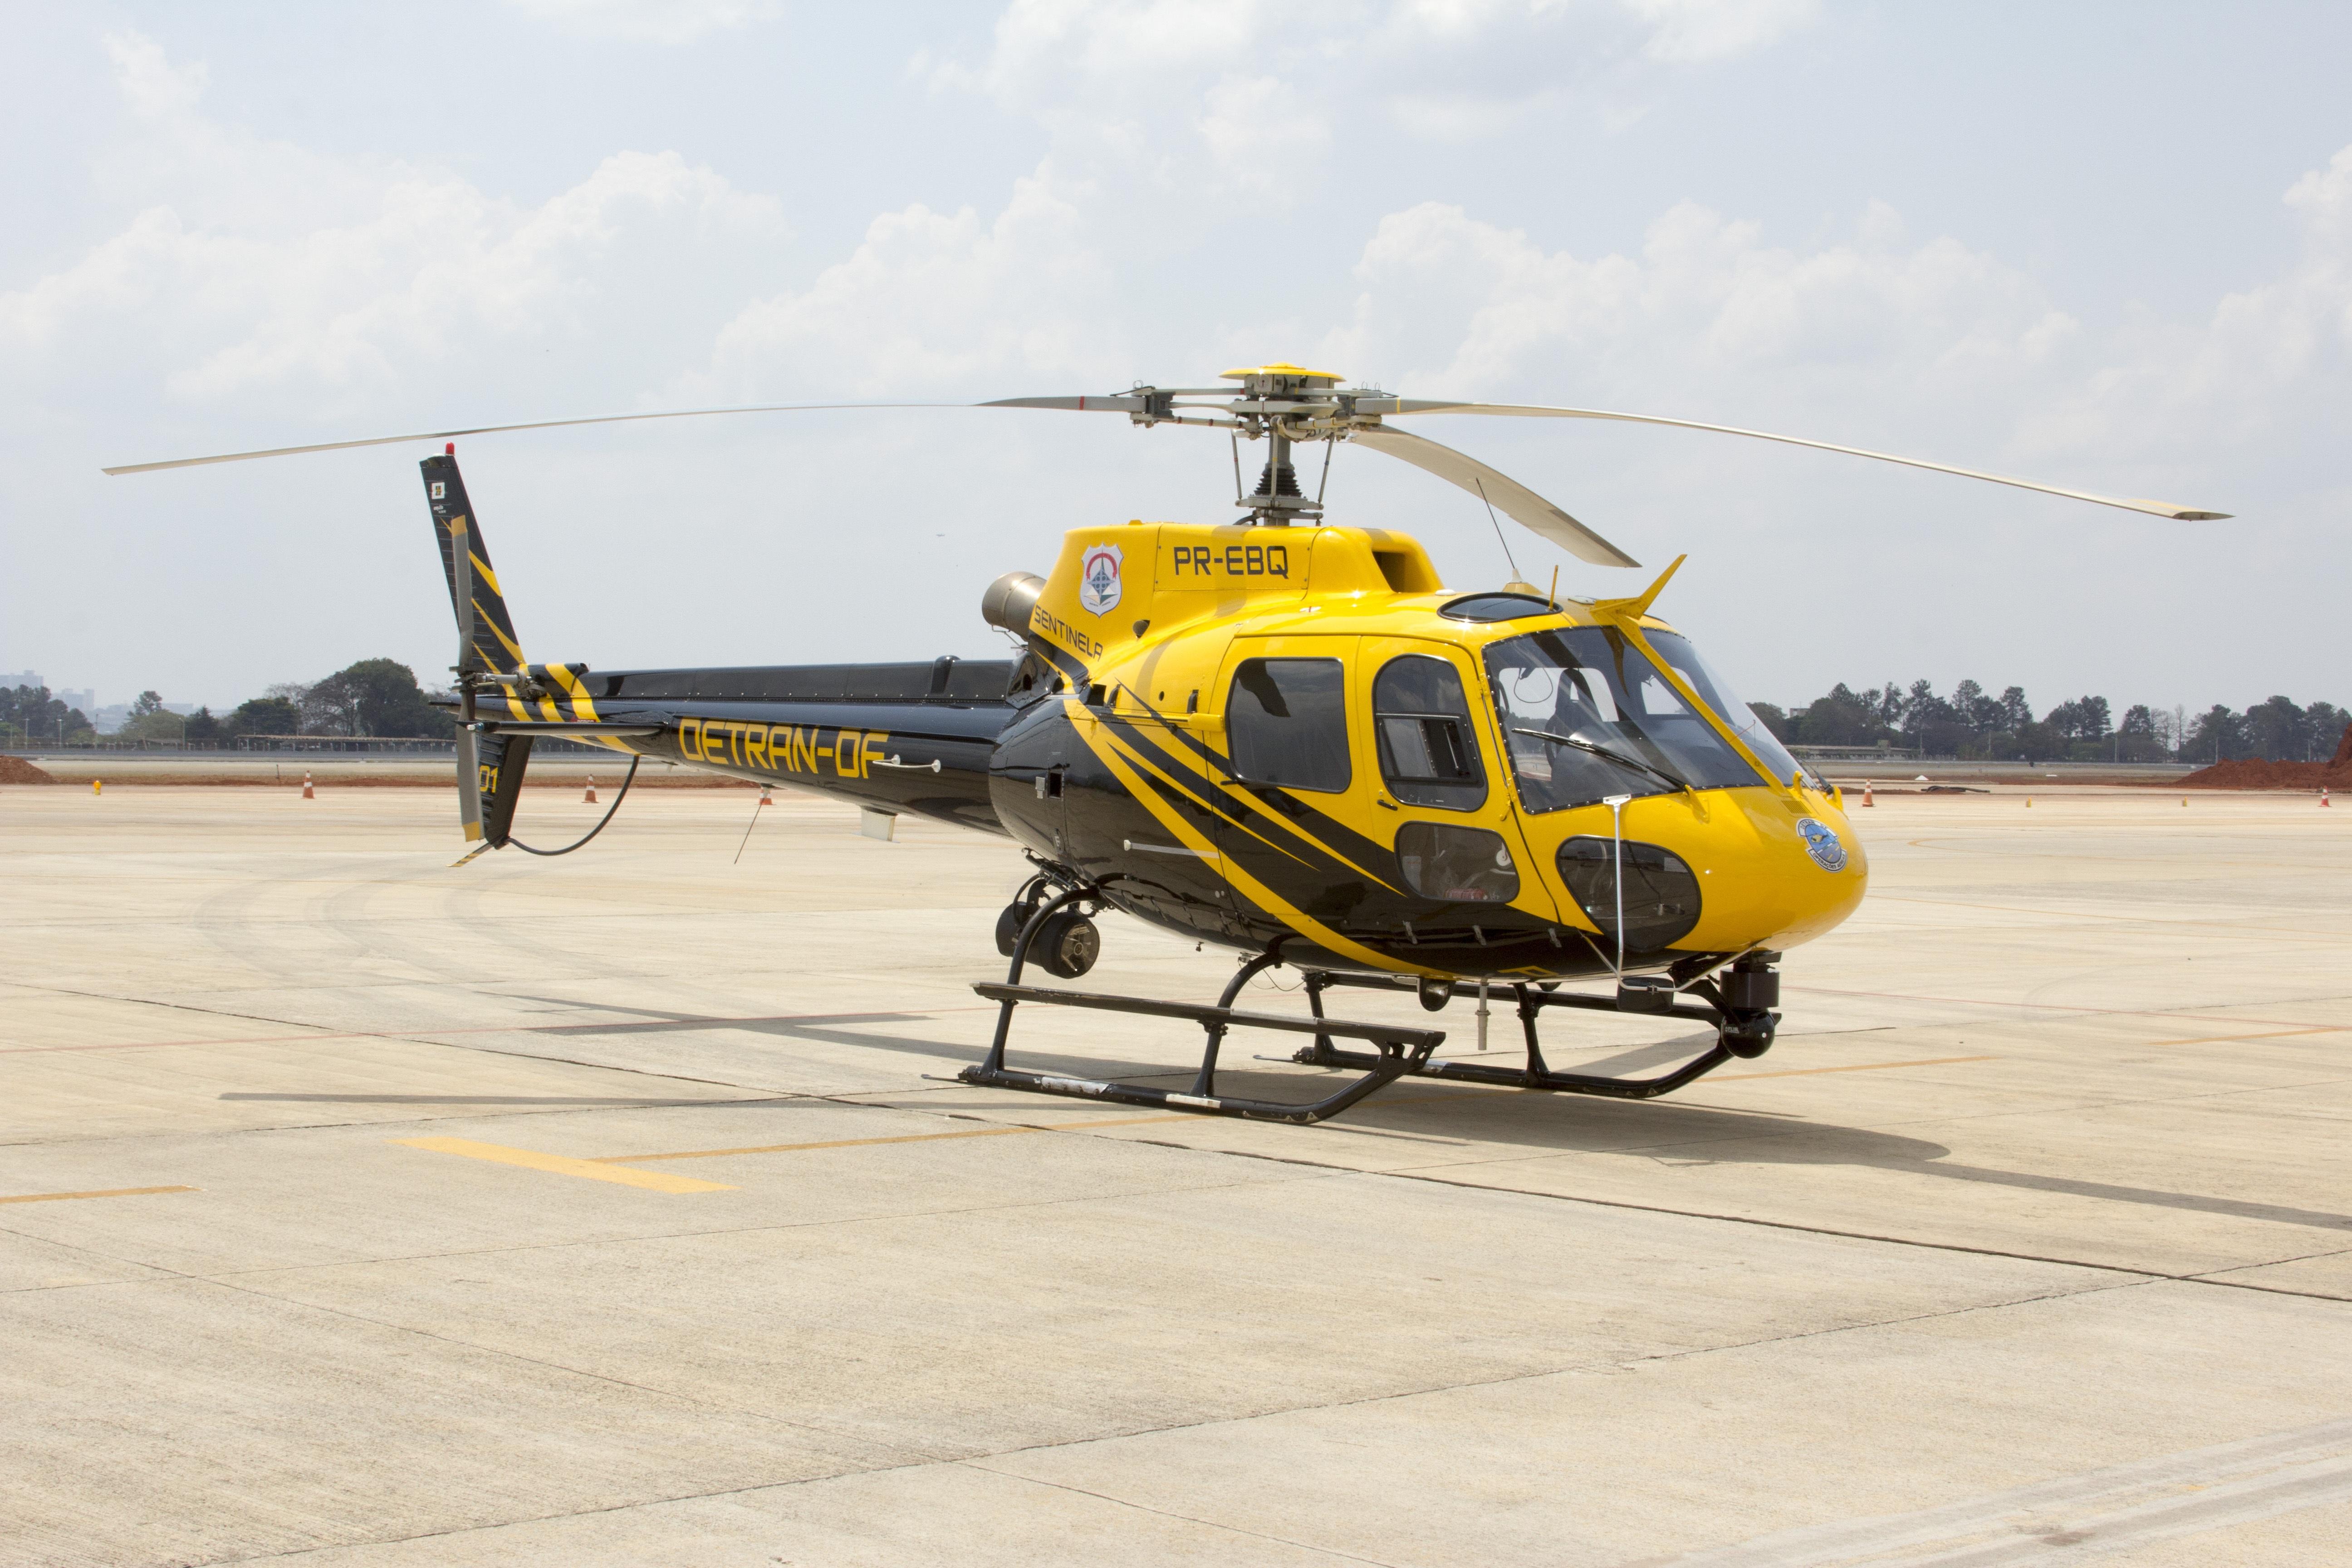 77359 Hintergrundbild herunterladen Hubschrauber, Verschiedenes, Sonstige, Runway, Luftfahrt, Startlinie - Bildschirmschoner und Bilder kostenlos